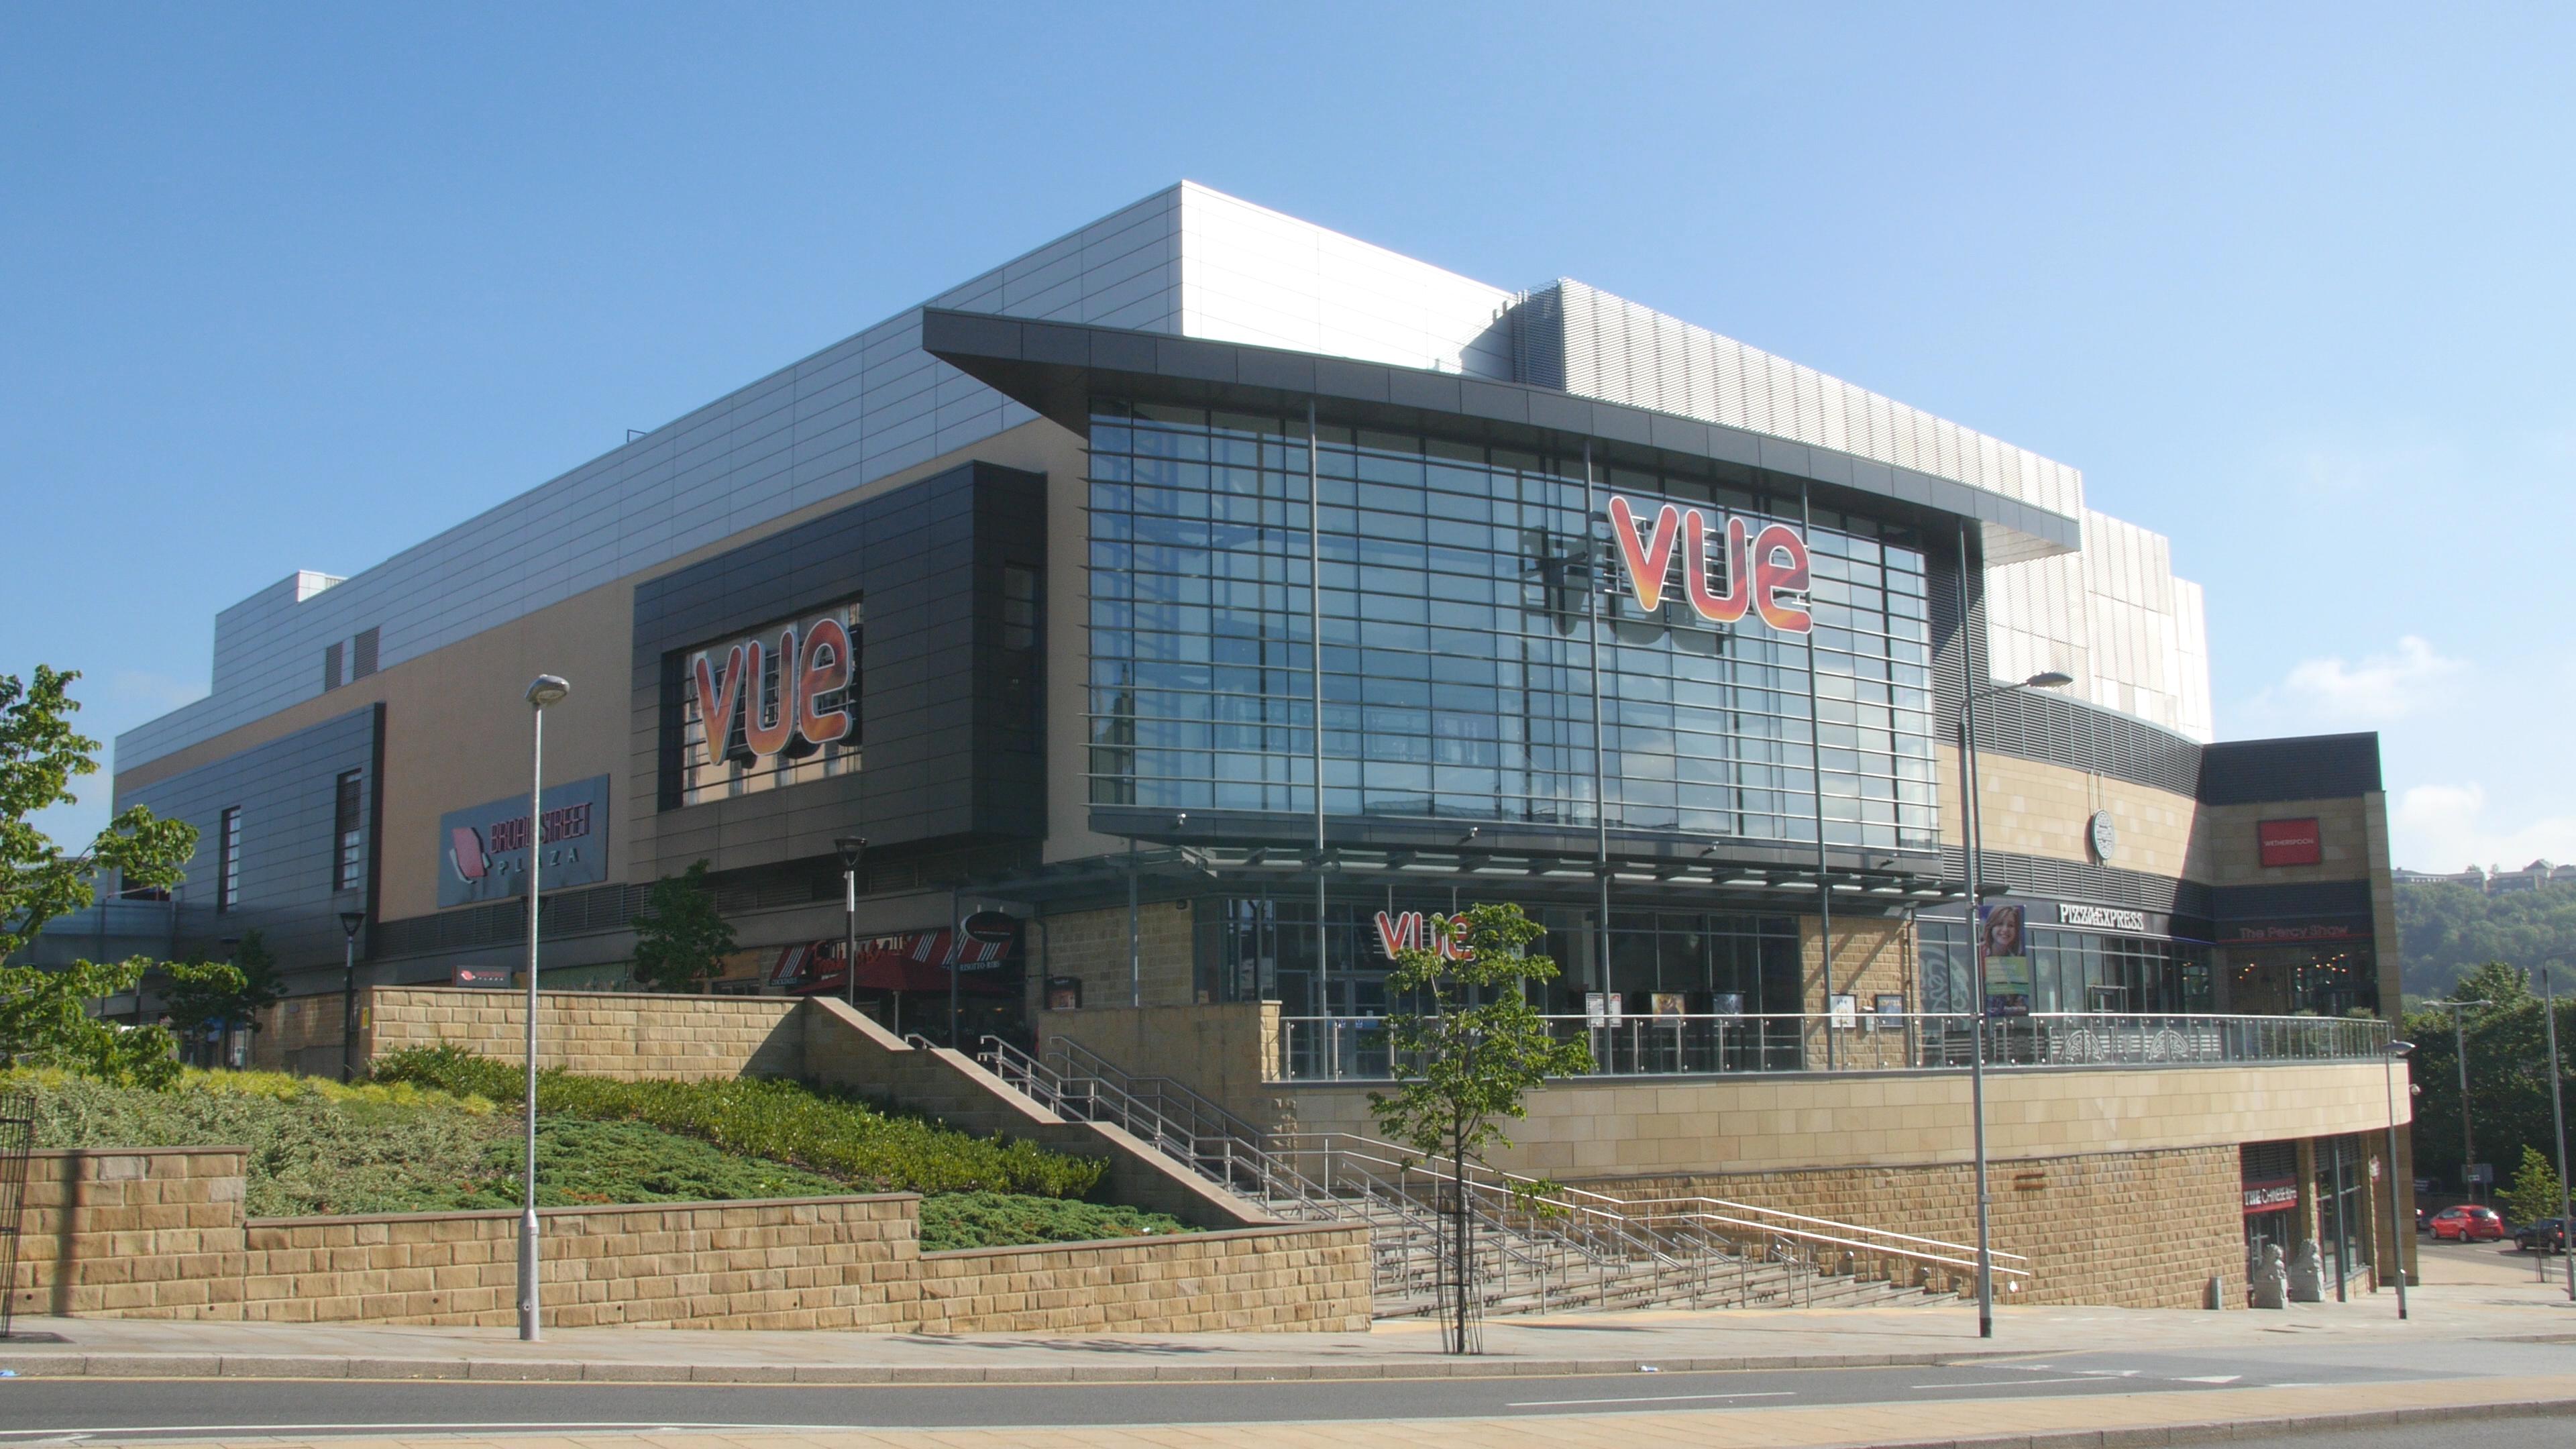 Vue Cinema Halifax Wpl